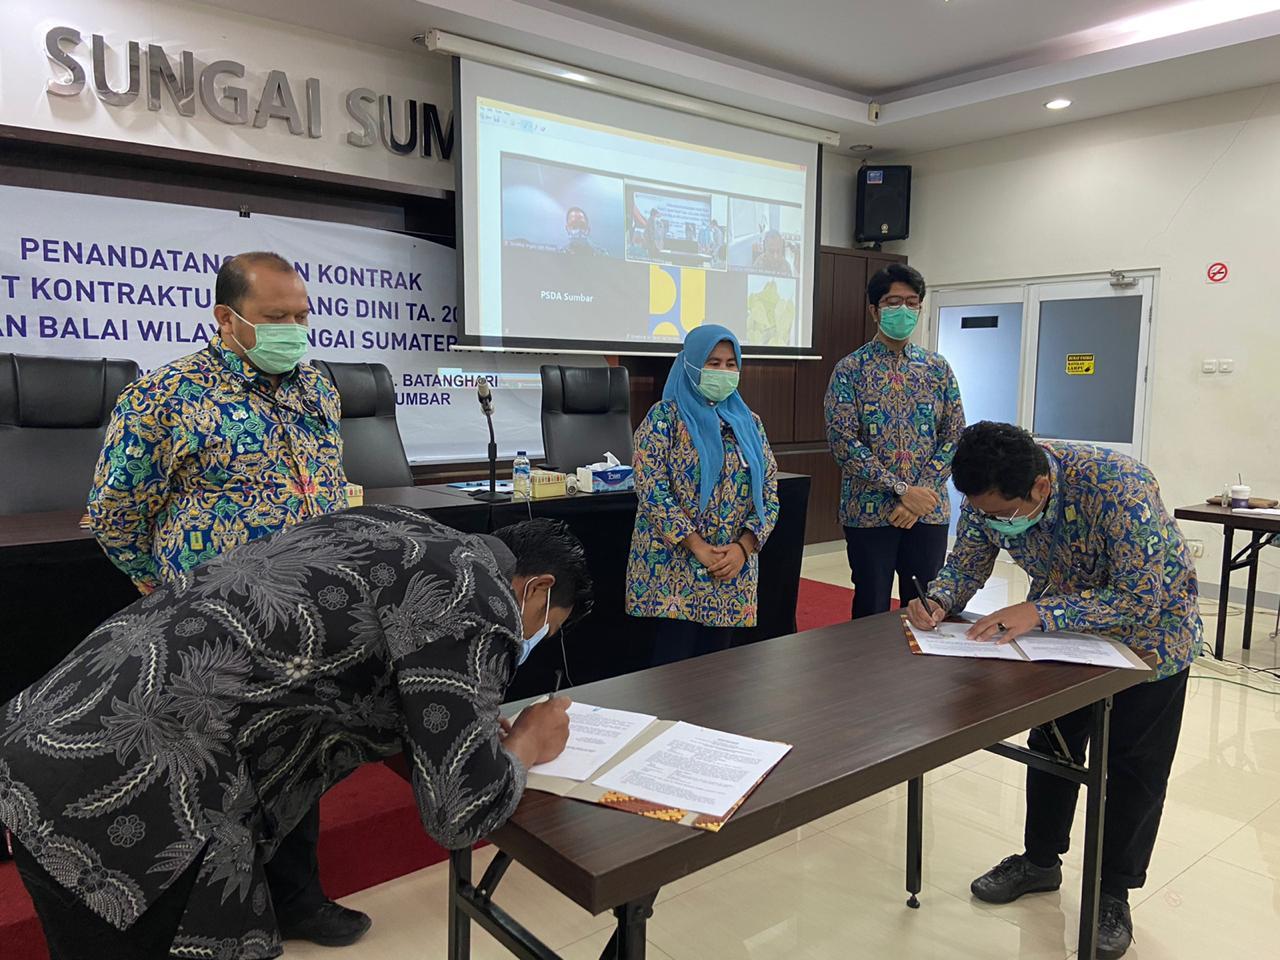 Penandatanganan Kontrak 2 Paket Kontraktual Tender Dini TA.2021